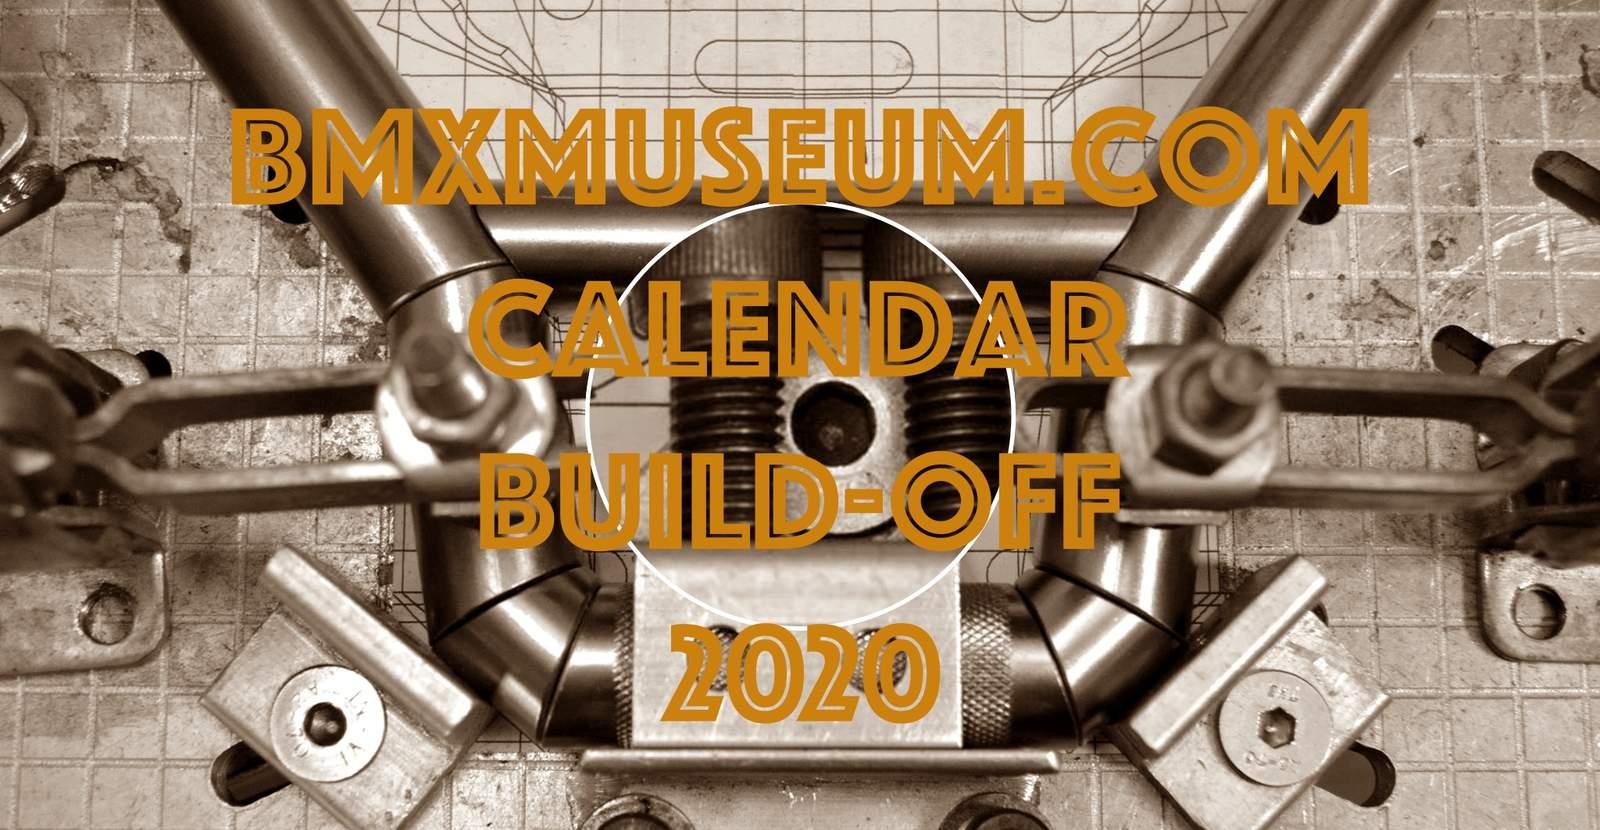 https://s3.amazonaws.com/uploads.bmxmuseum.com/user-images/138491/museum-banner5d4eb894e2.jpg